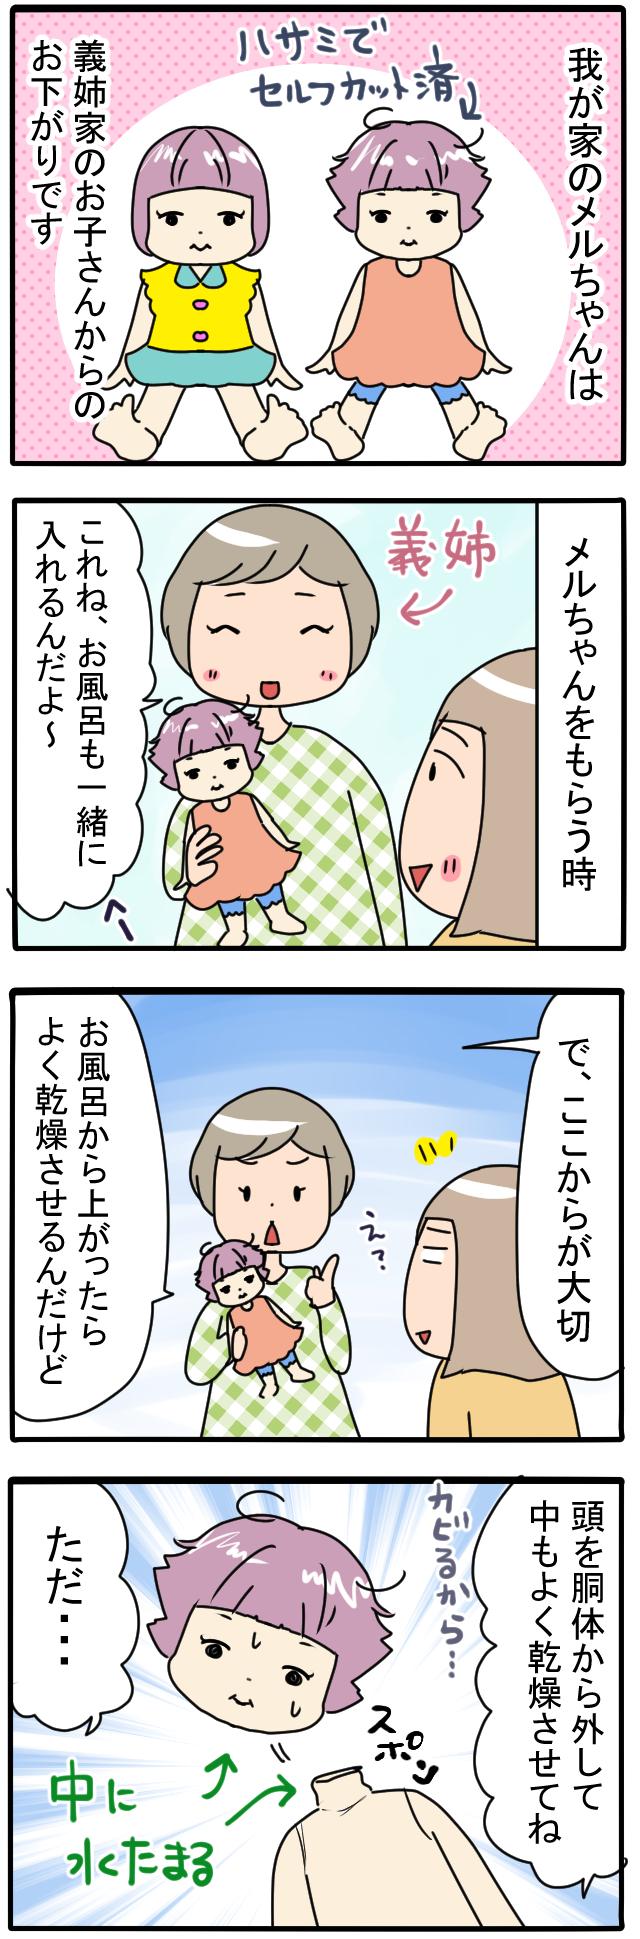 お風呂でのお人形遊びは、アフターケアが必須!私の思わぬ失敗談の画像1